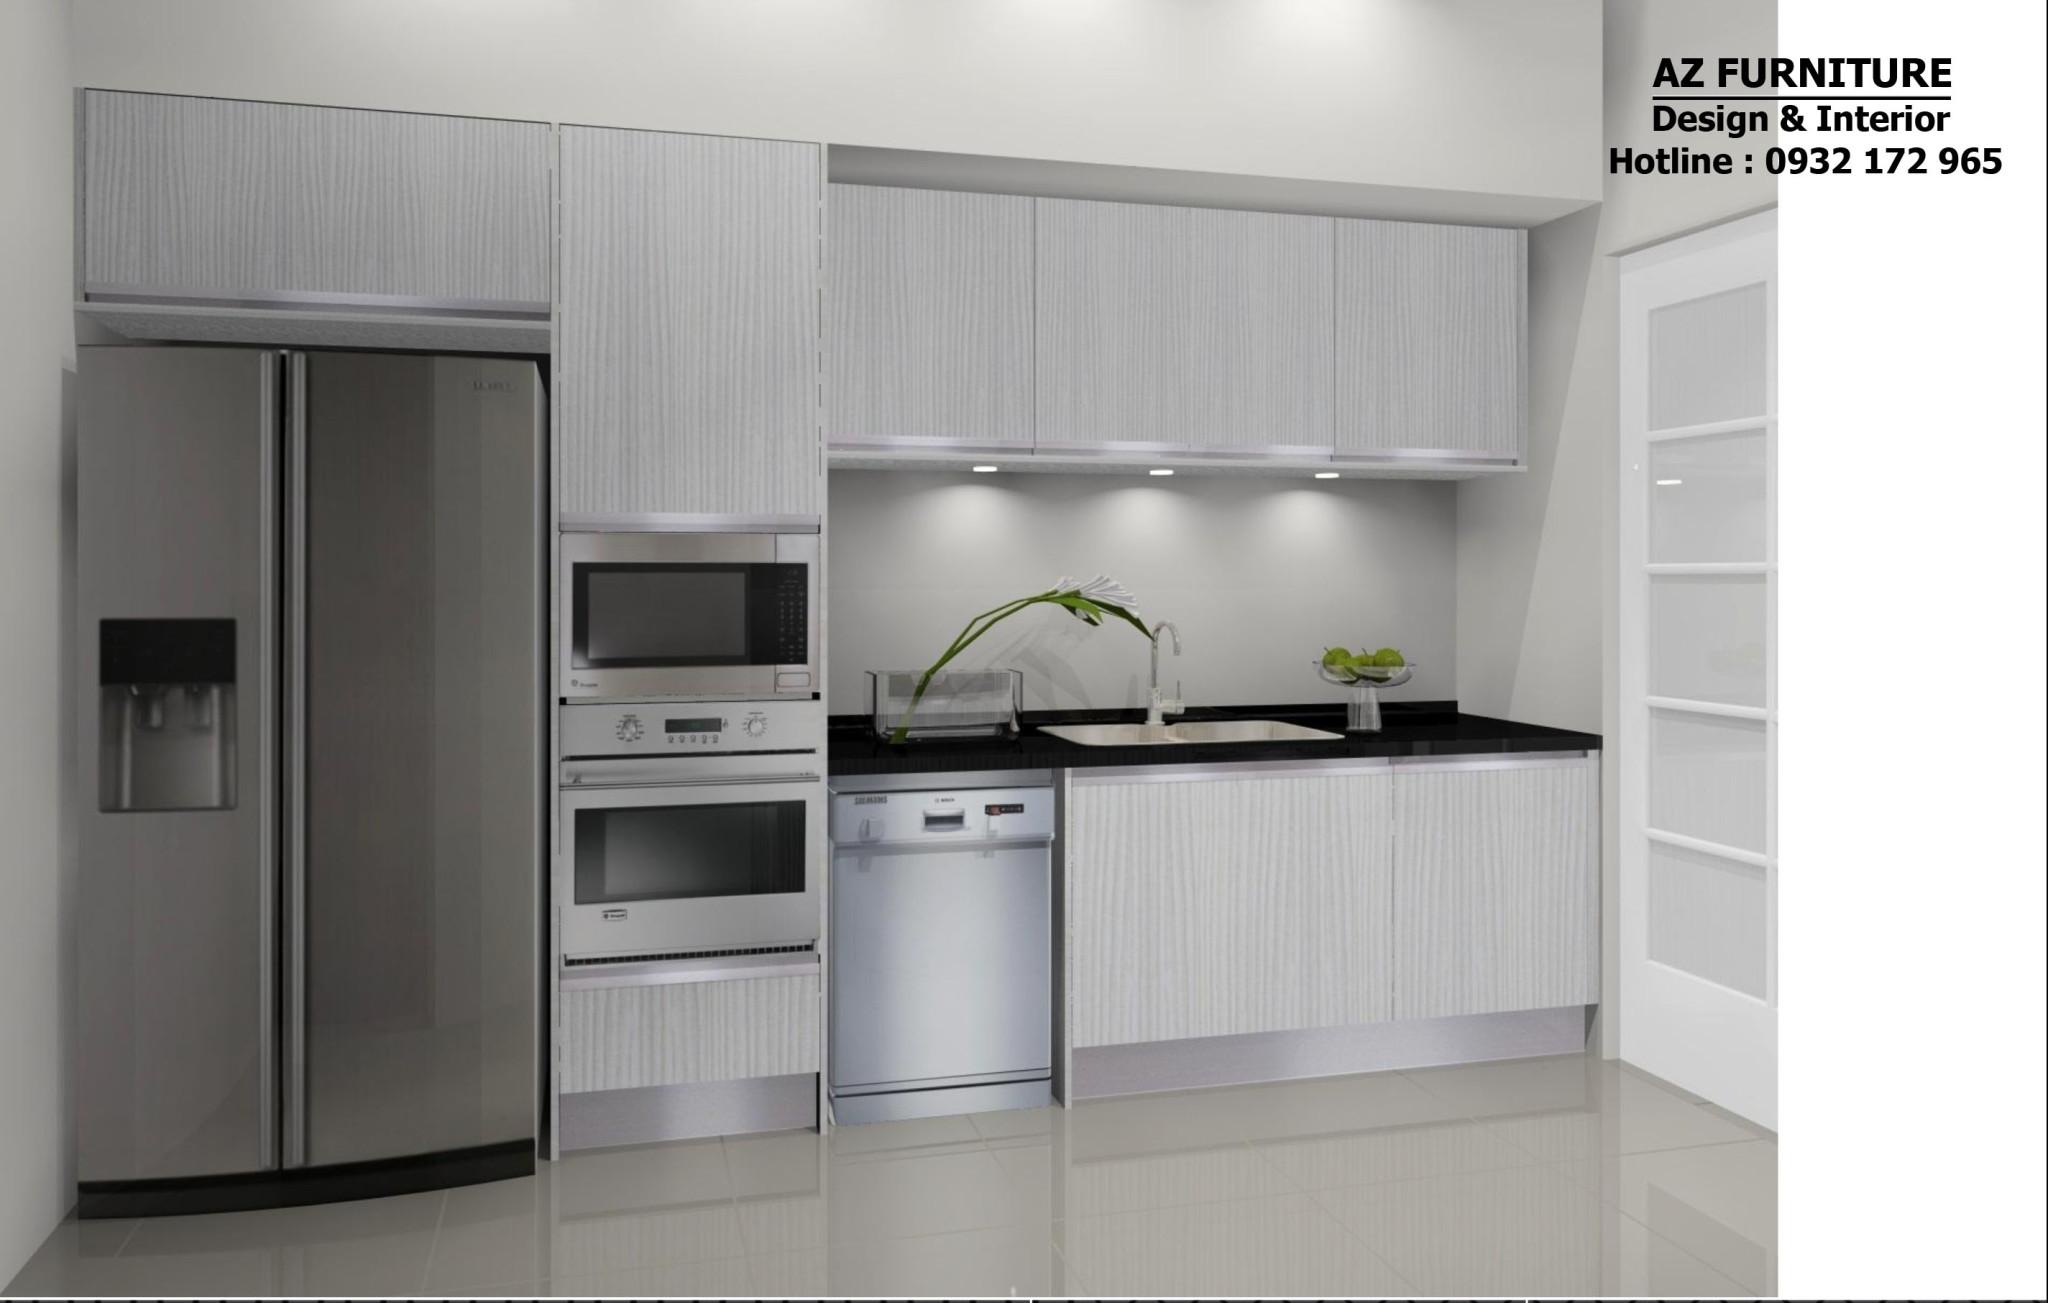 thiết kế nội thất phòng bếp tiện nghi hiện đại